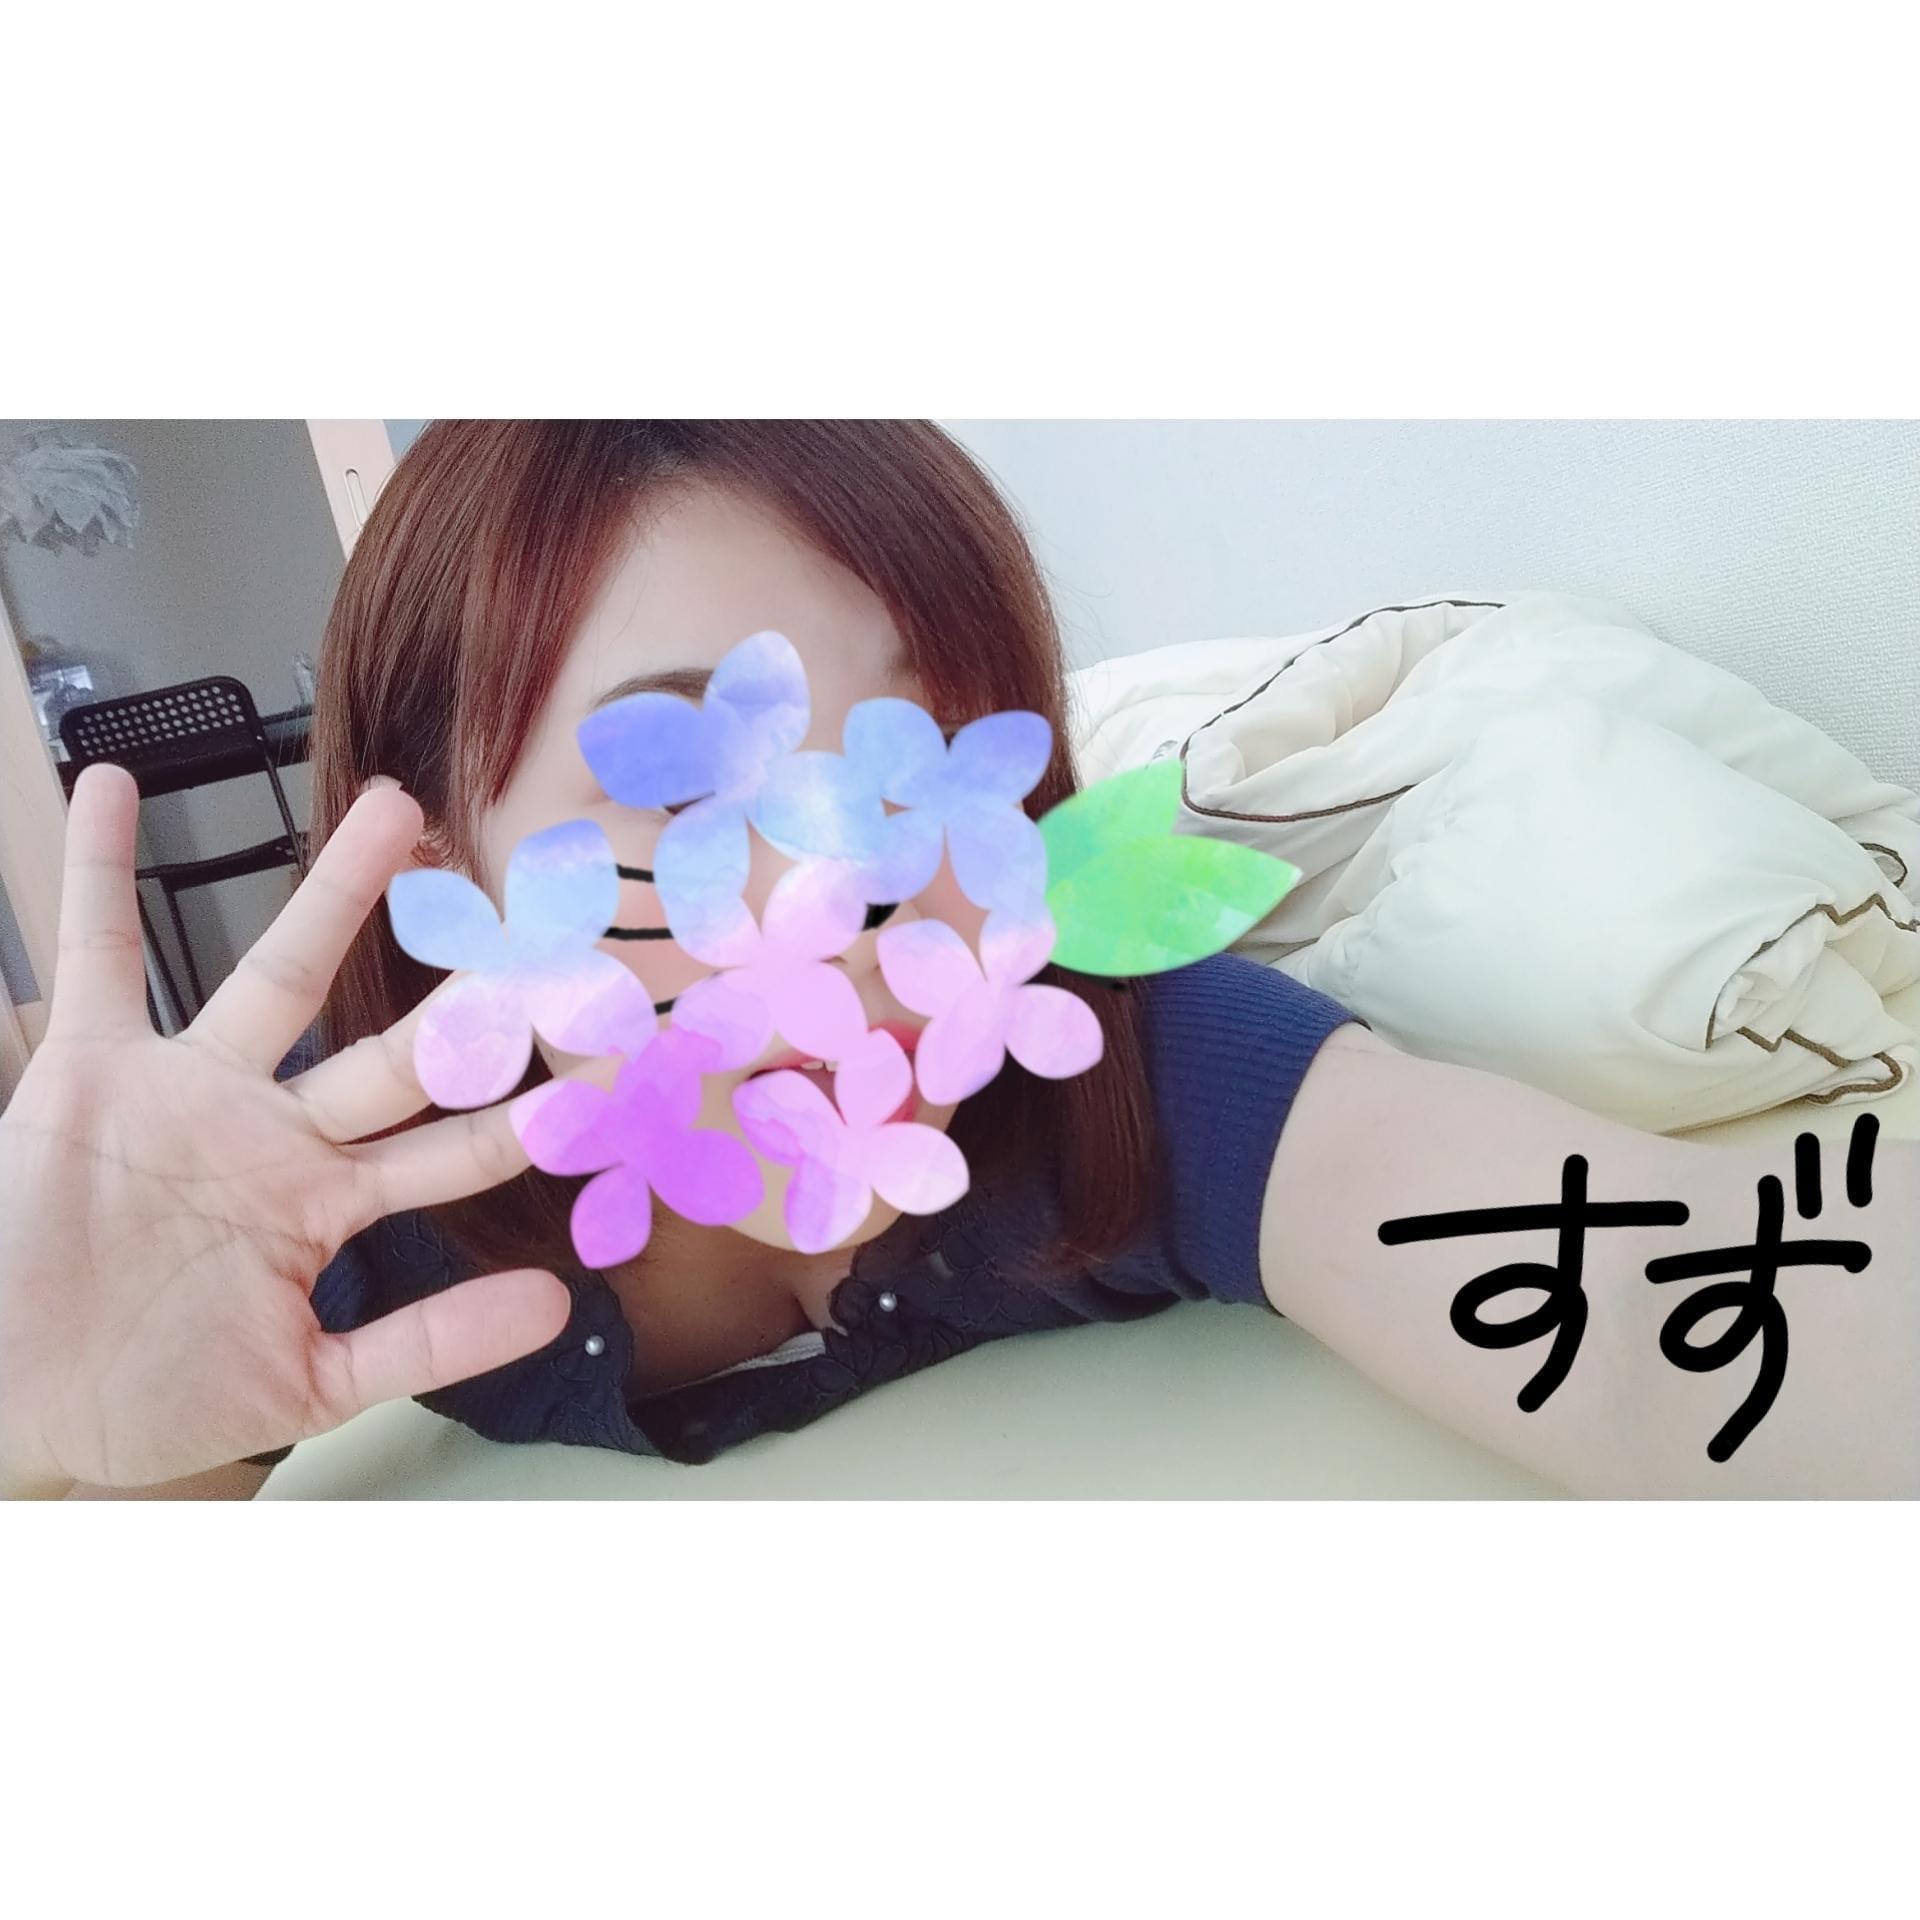 すず「??自宅??」06/18(月) 00:46 | すずの写メ・風俗動画